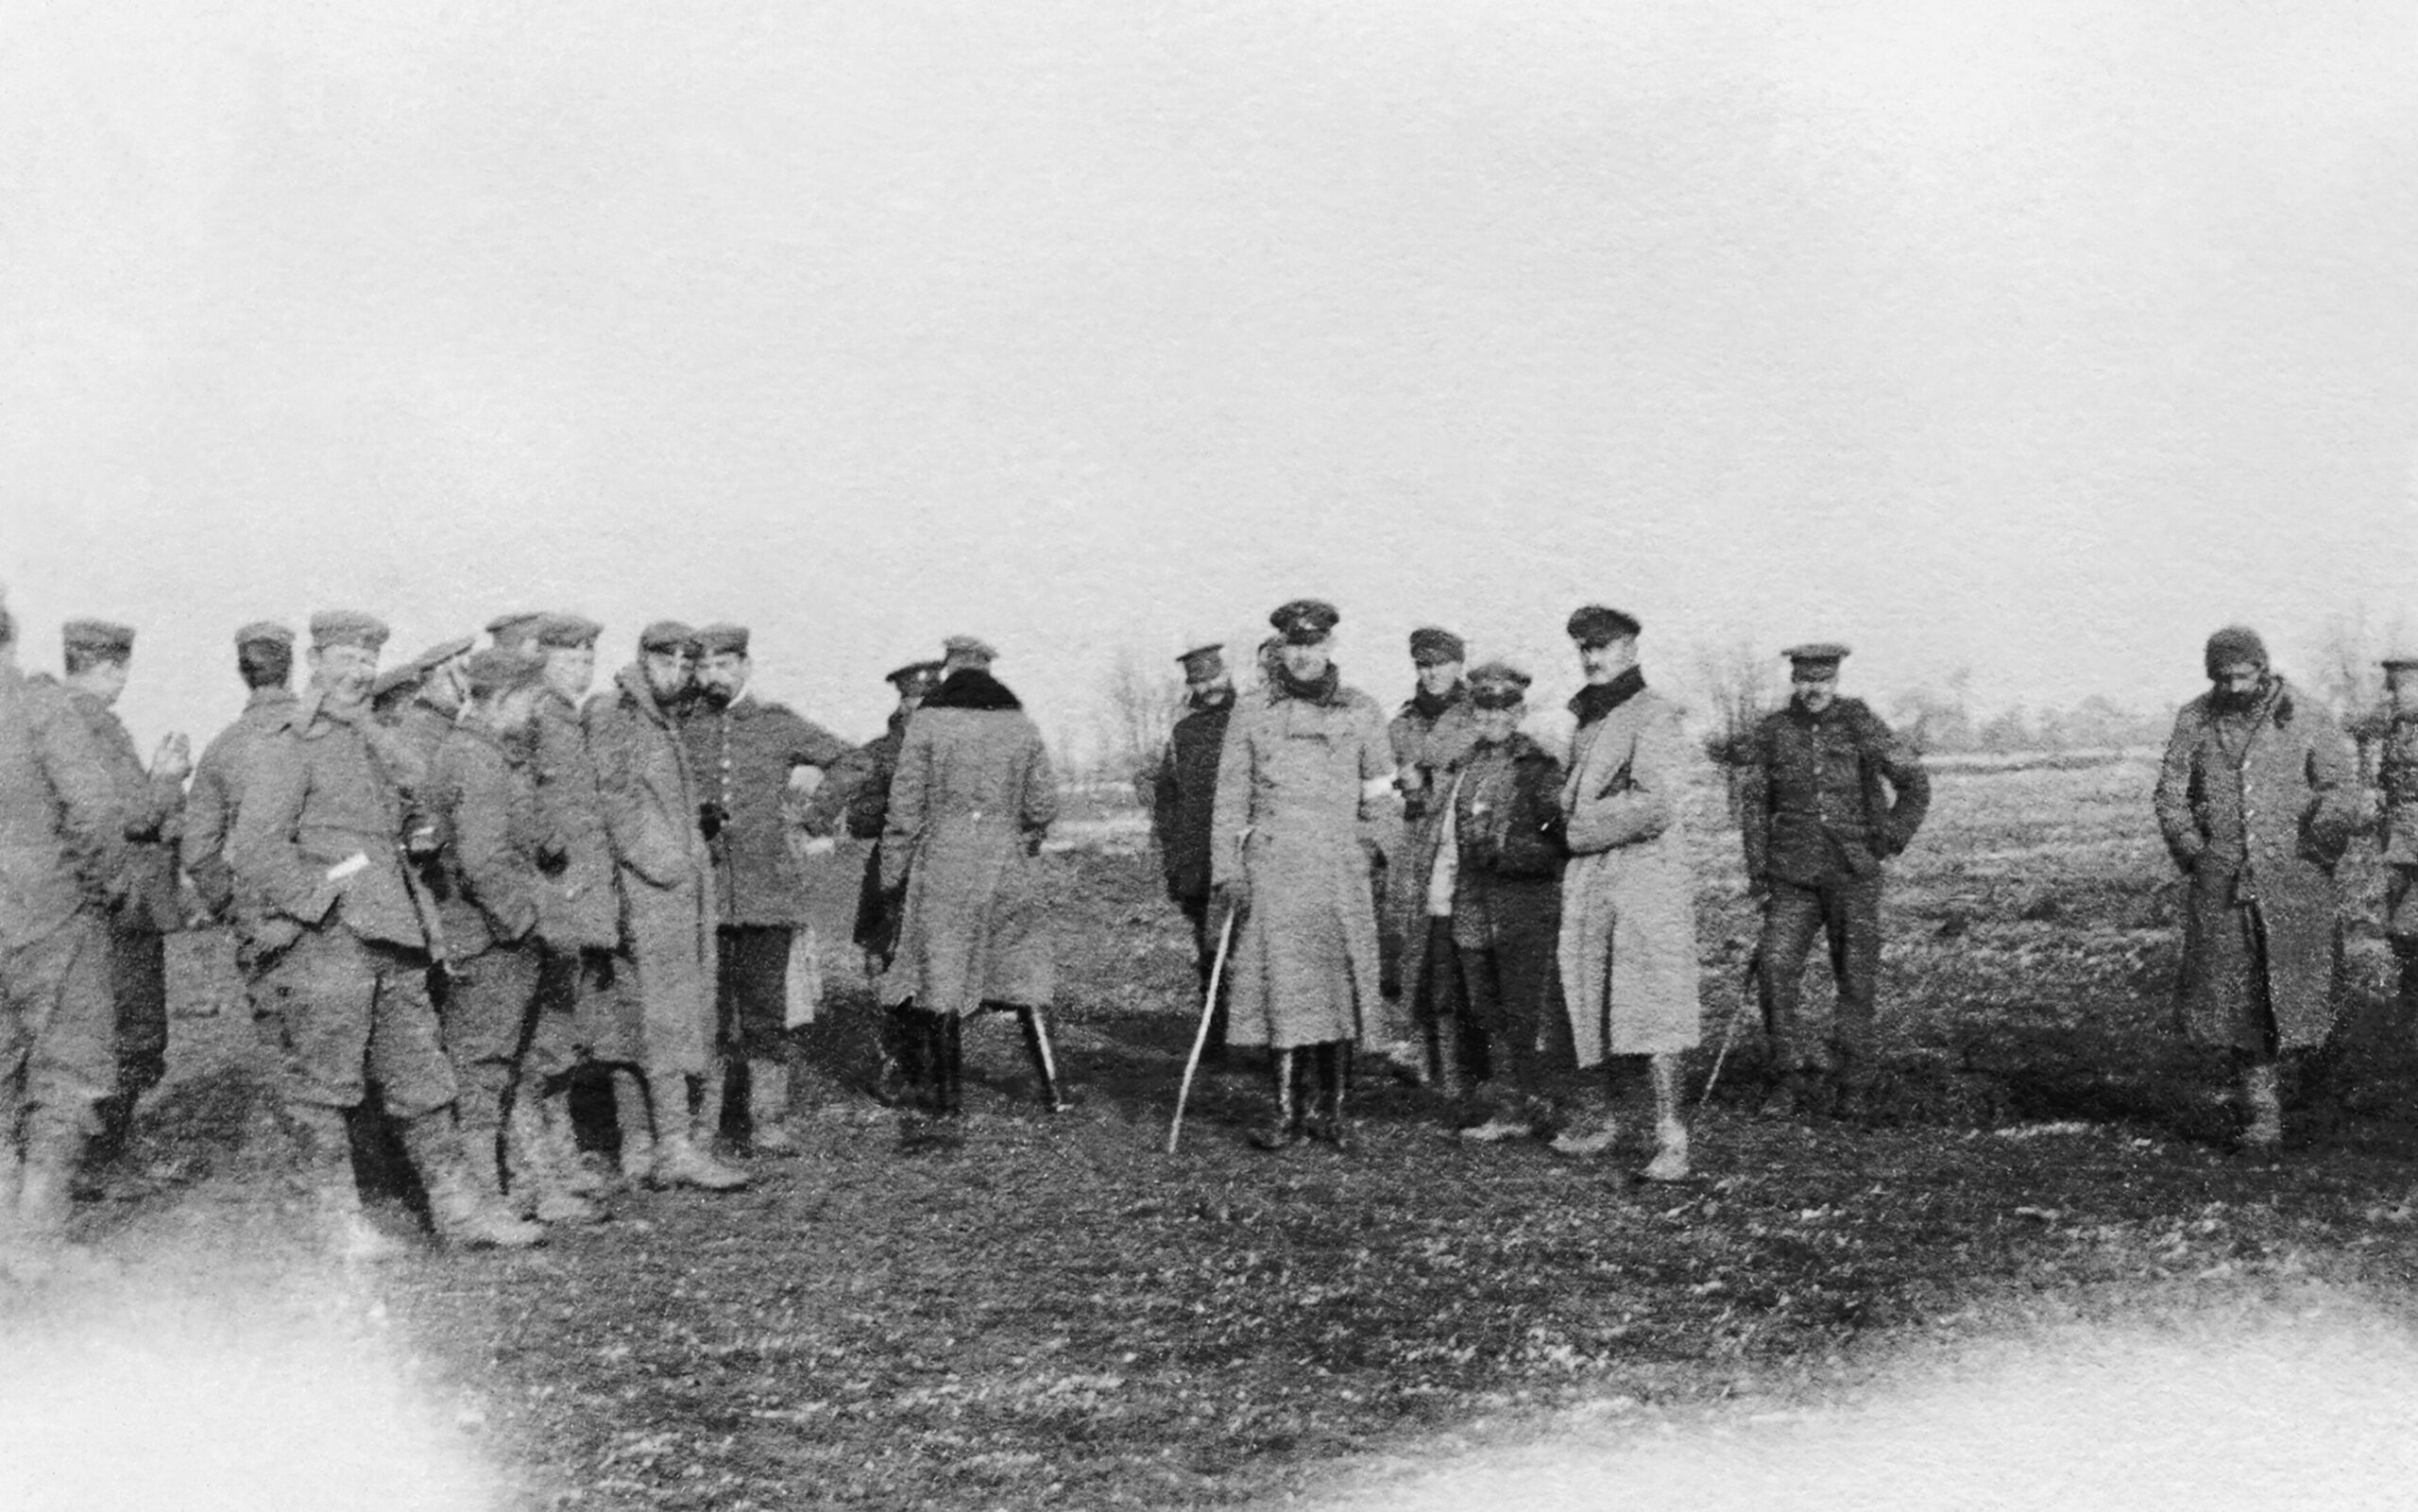 Vánoční příměří na Vánoce v roce 1914 - vojáci dvou armád v zemi nikoho